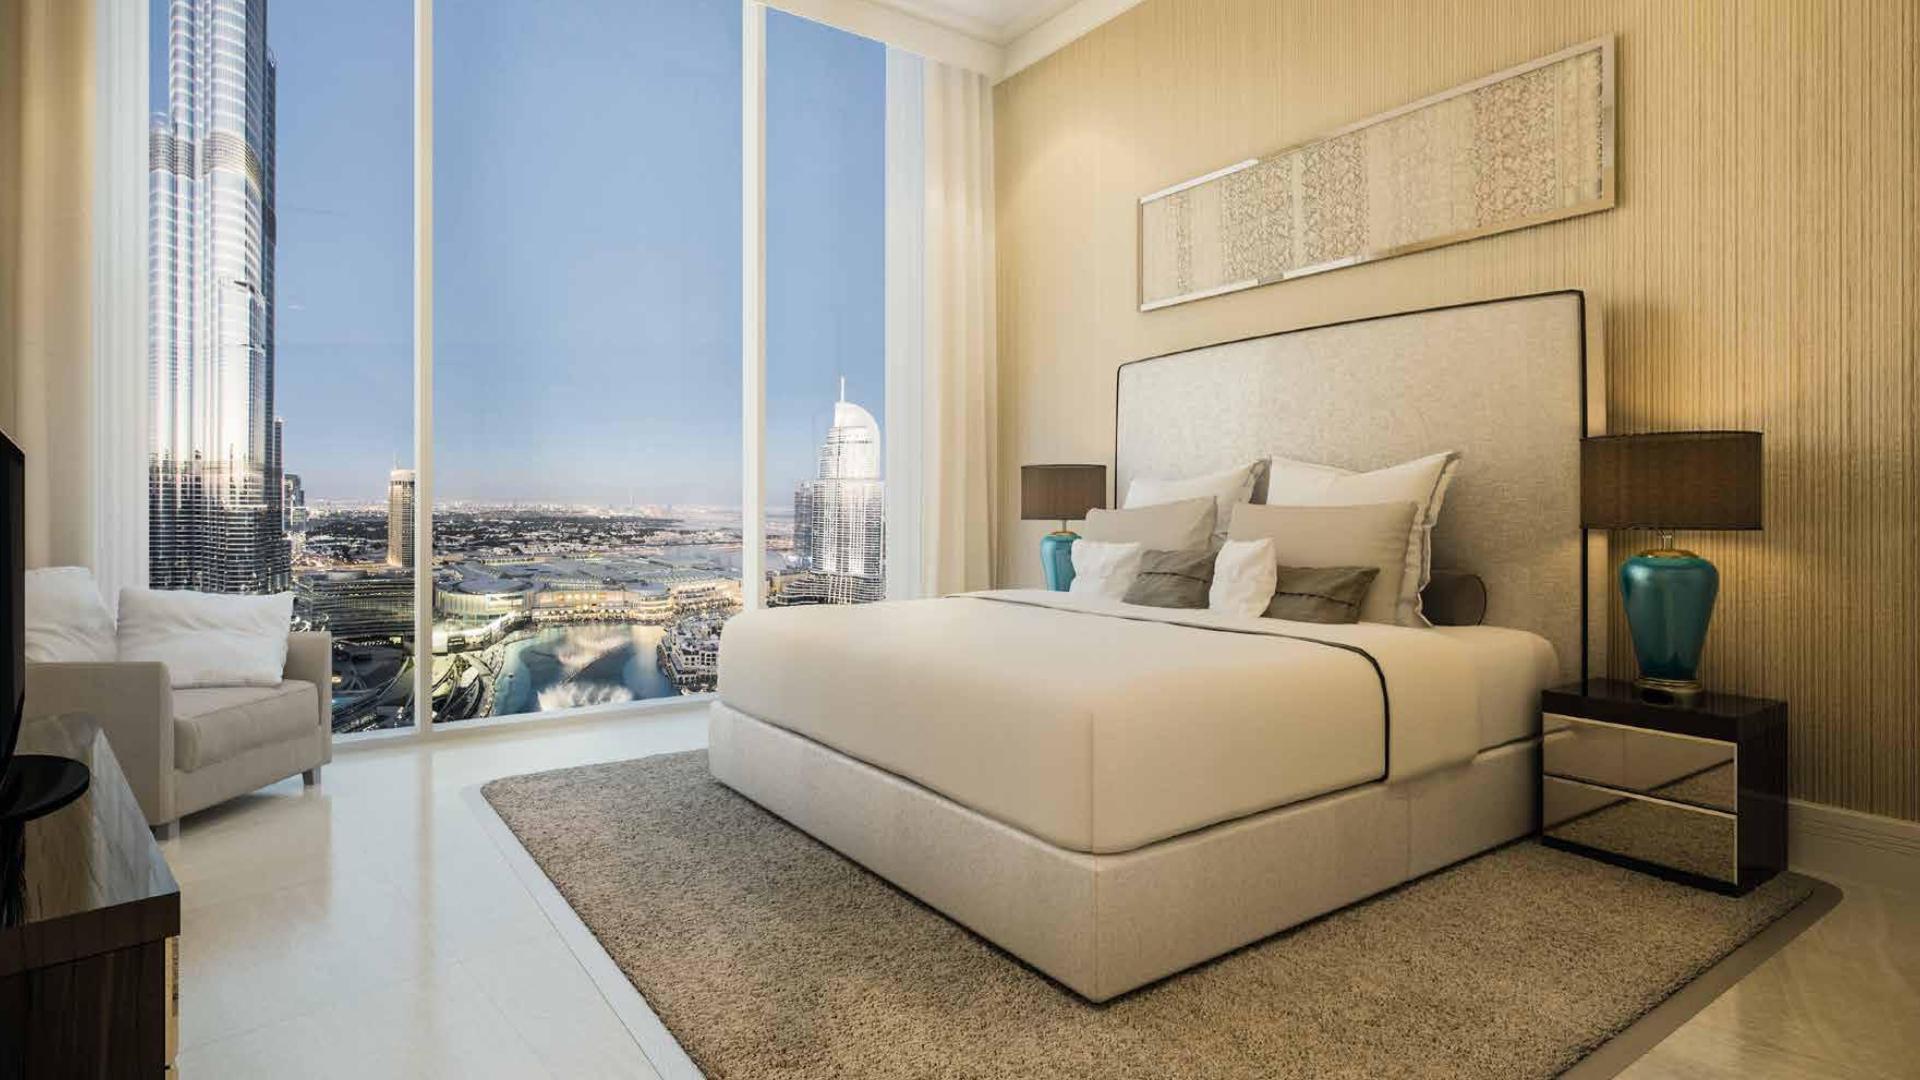 Apartamento en venta en Dubai, EAU, 3 dormitorios, 200 m2, № 24399 – foto 2